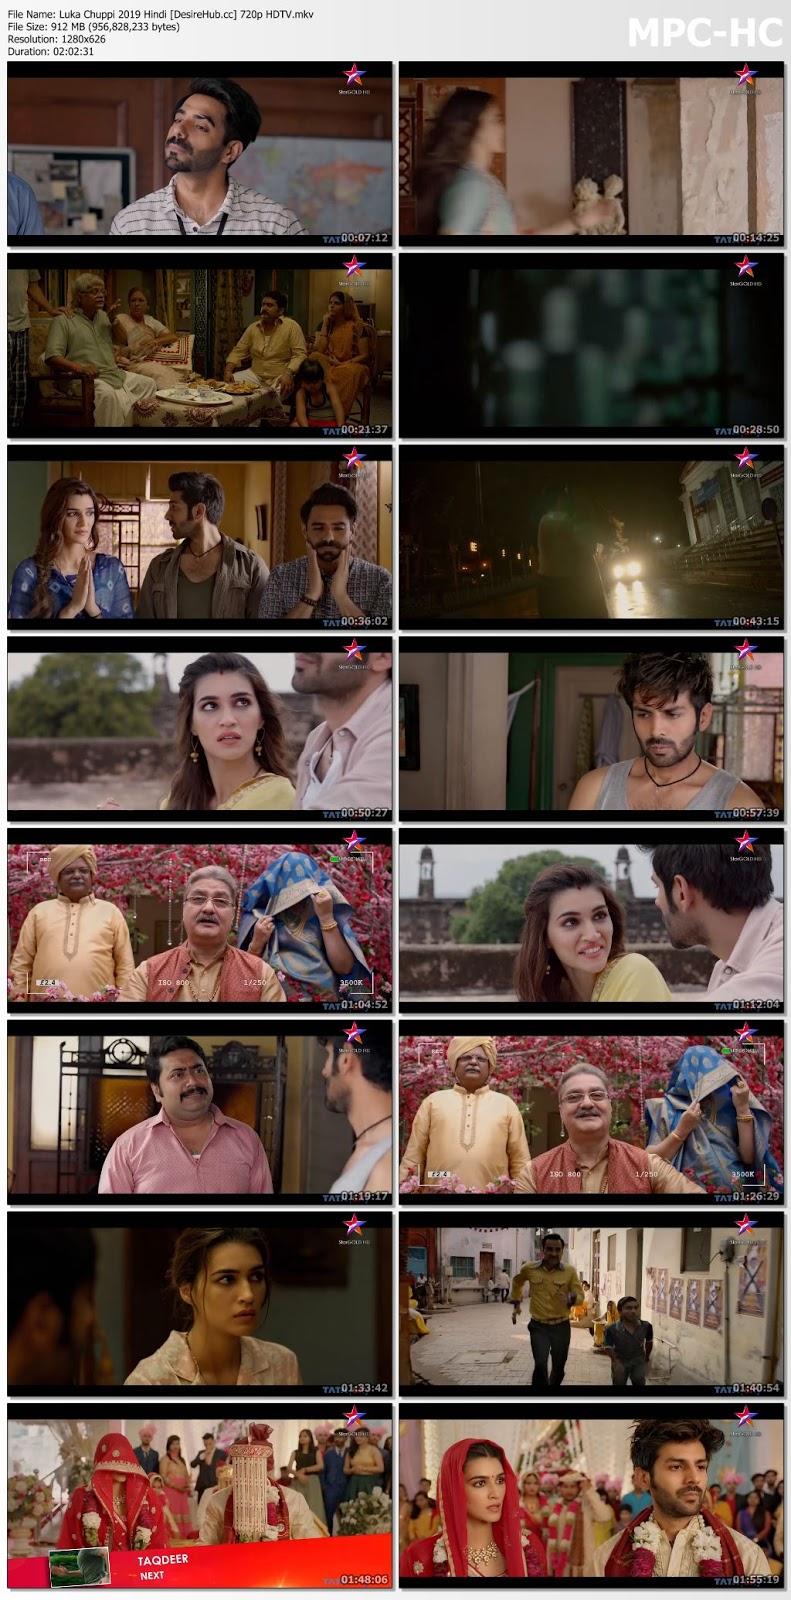 Luka Chuppi 2019 Hindi 720p HDTV 900MB Desirehub